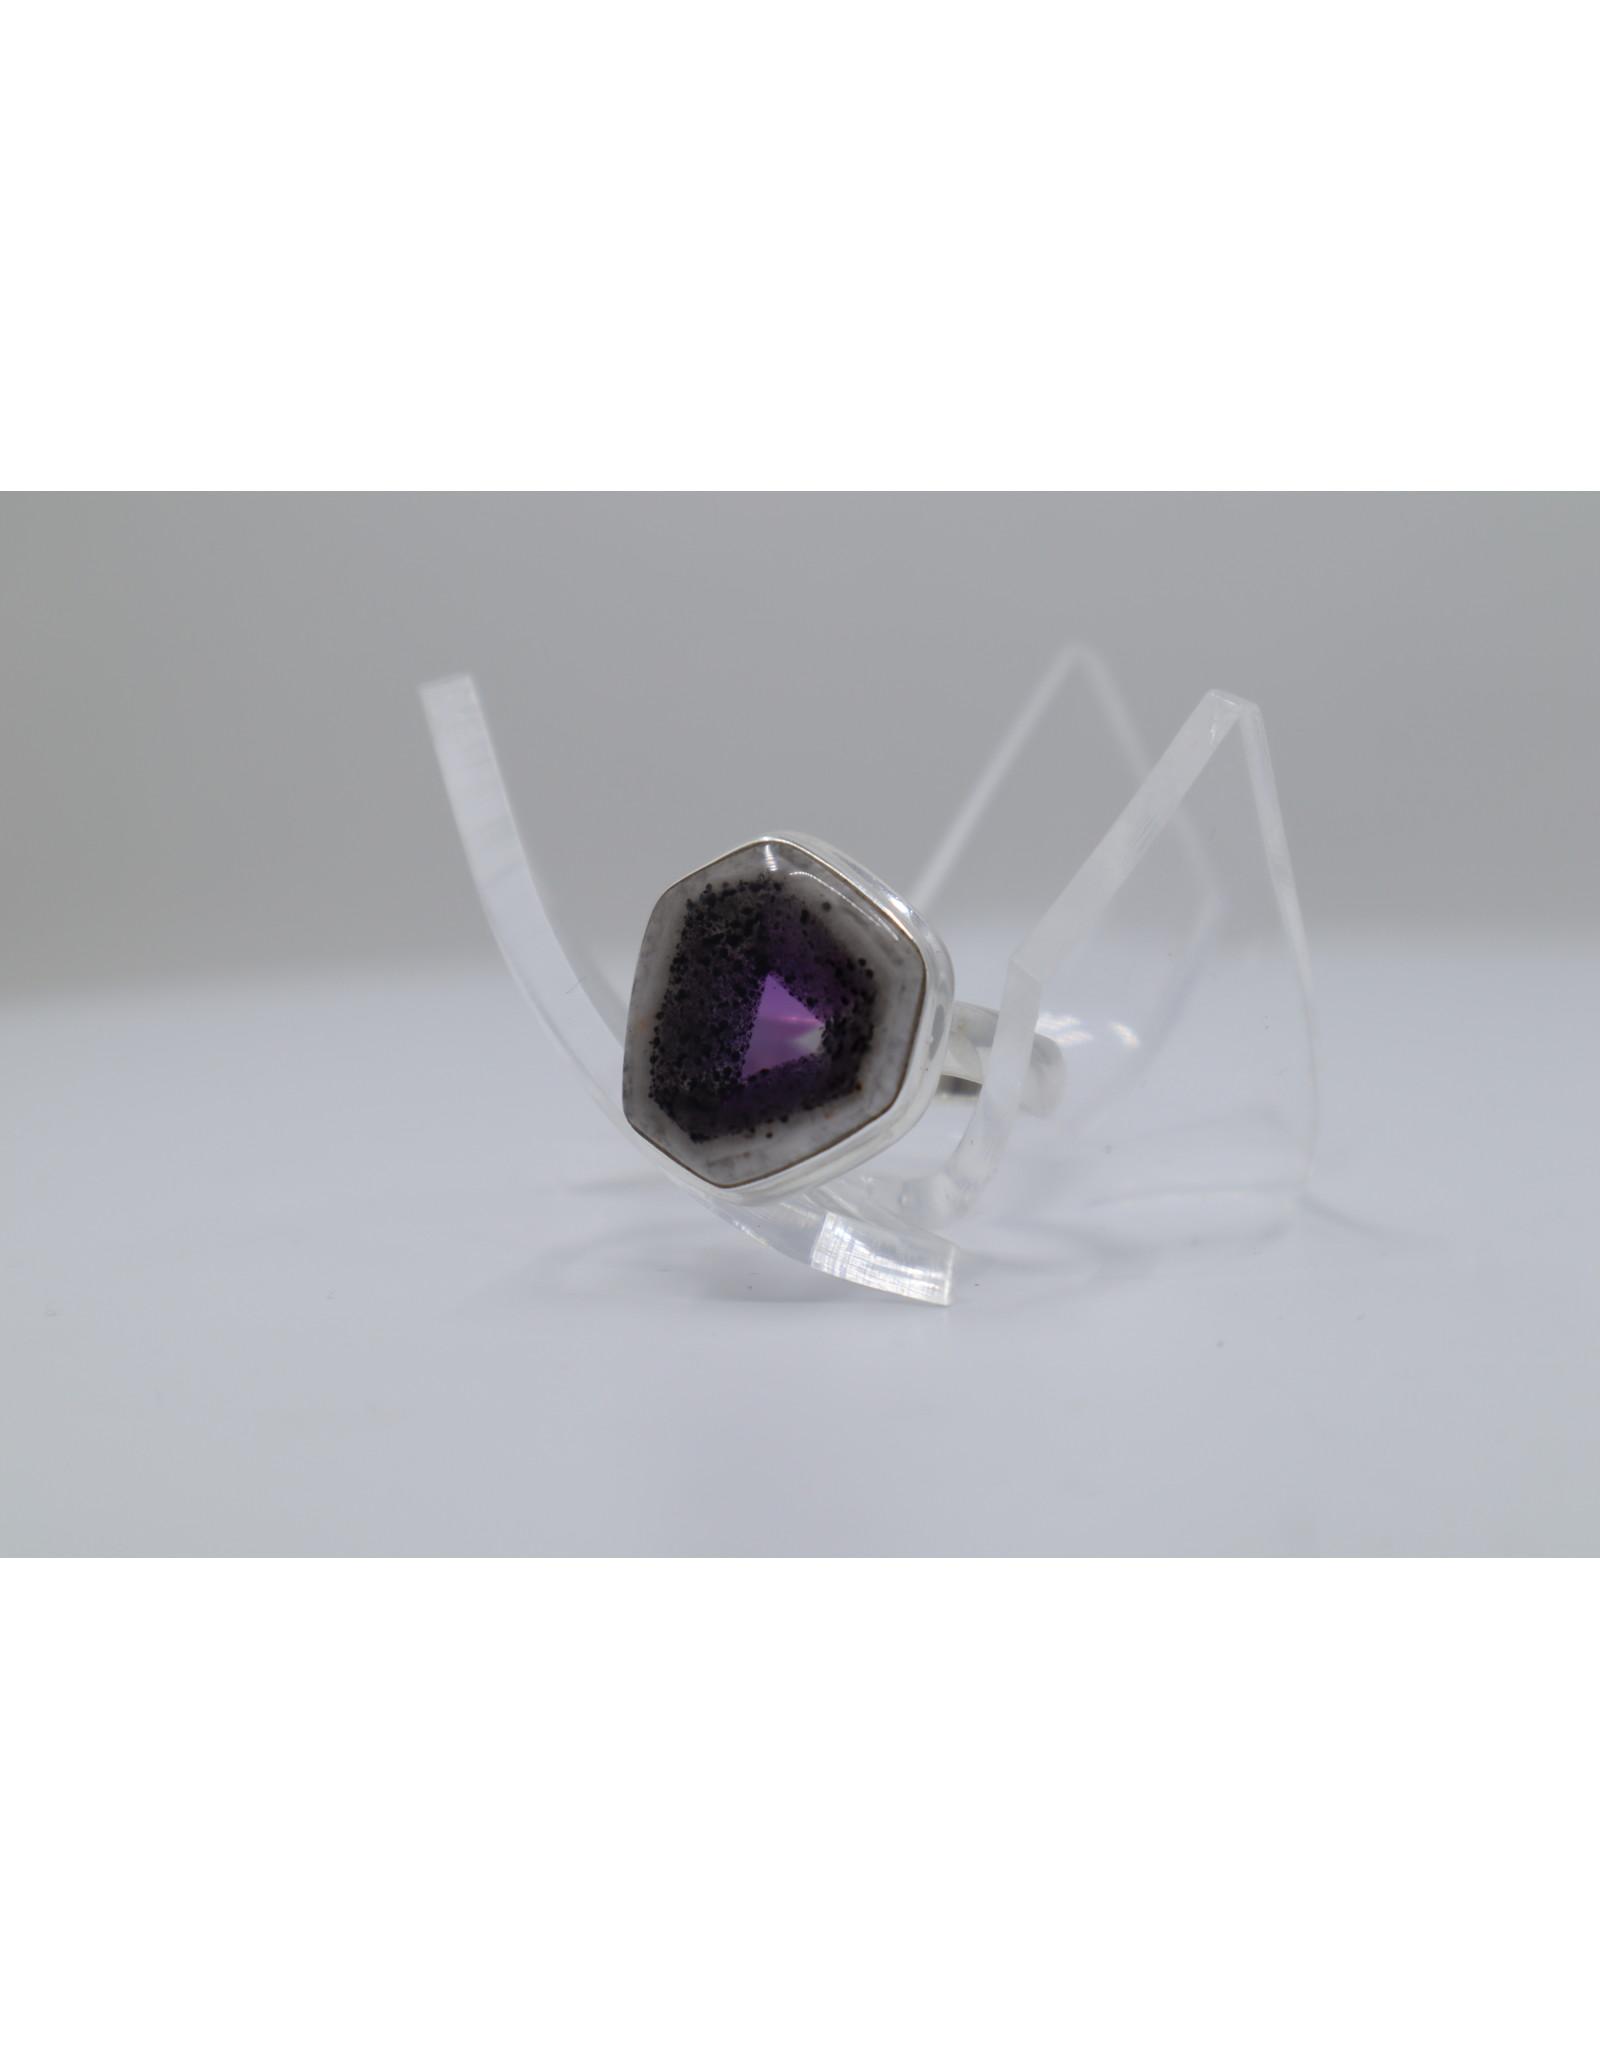 Auralite 23 Ring - Size 9